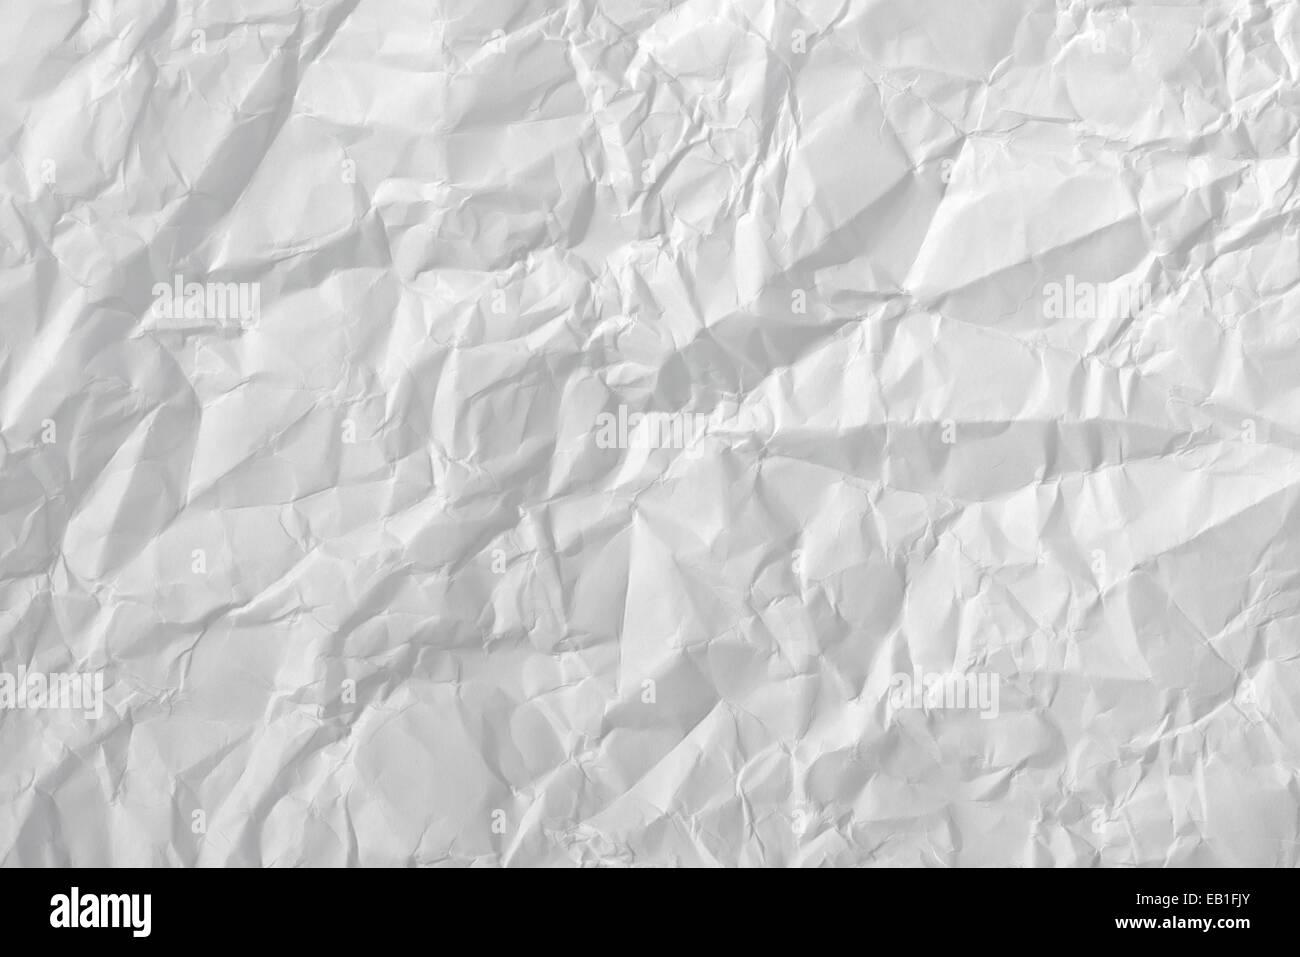 La texture du papier froissé froissé blanc pour le fond Photo Stock